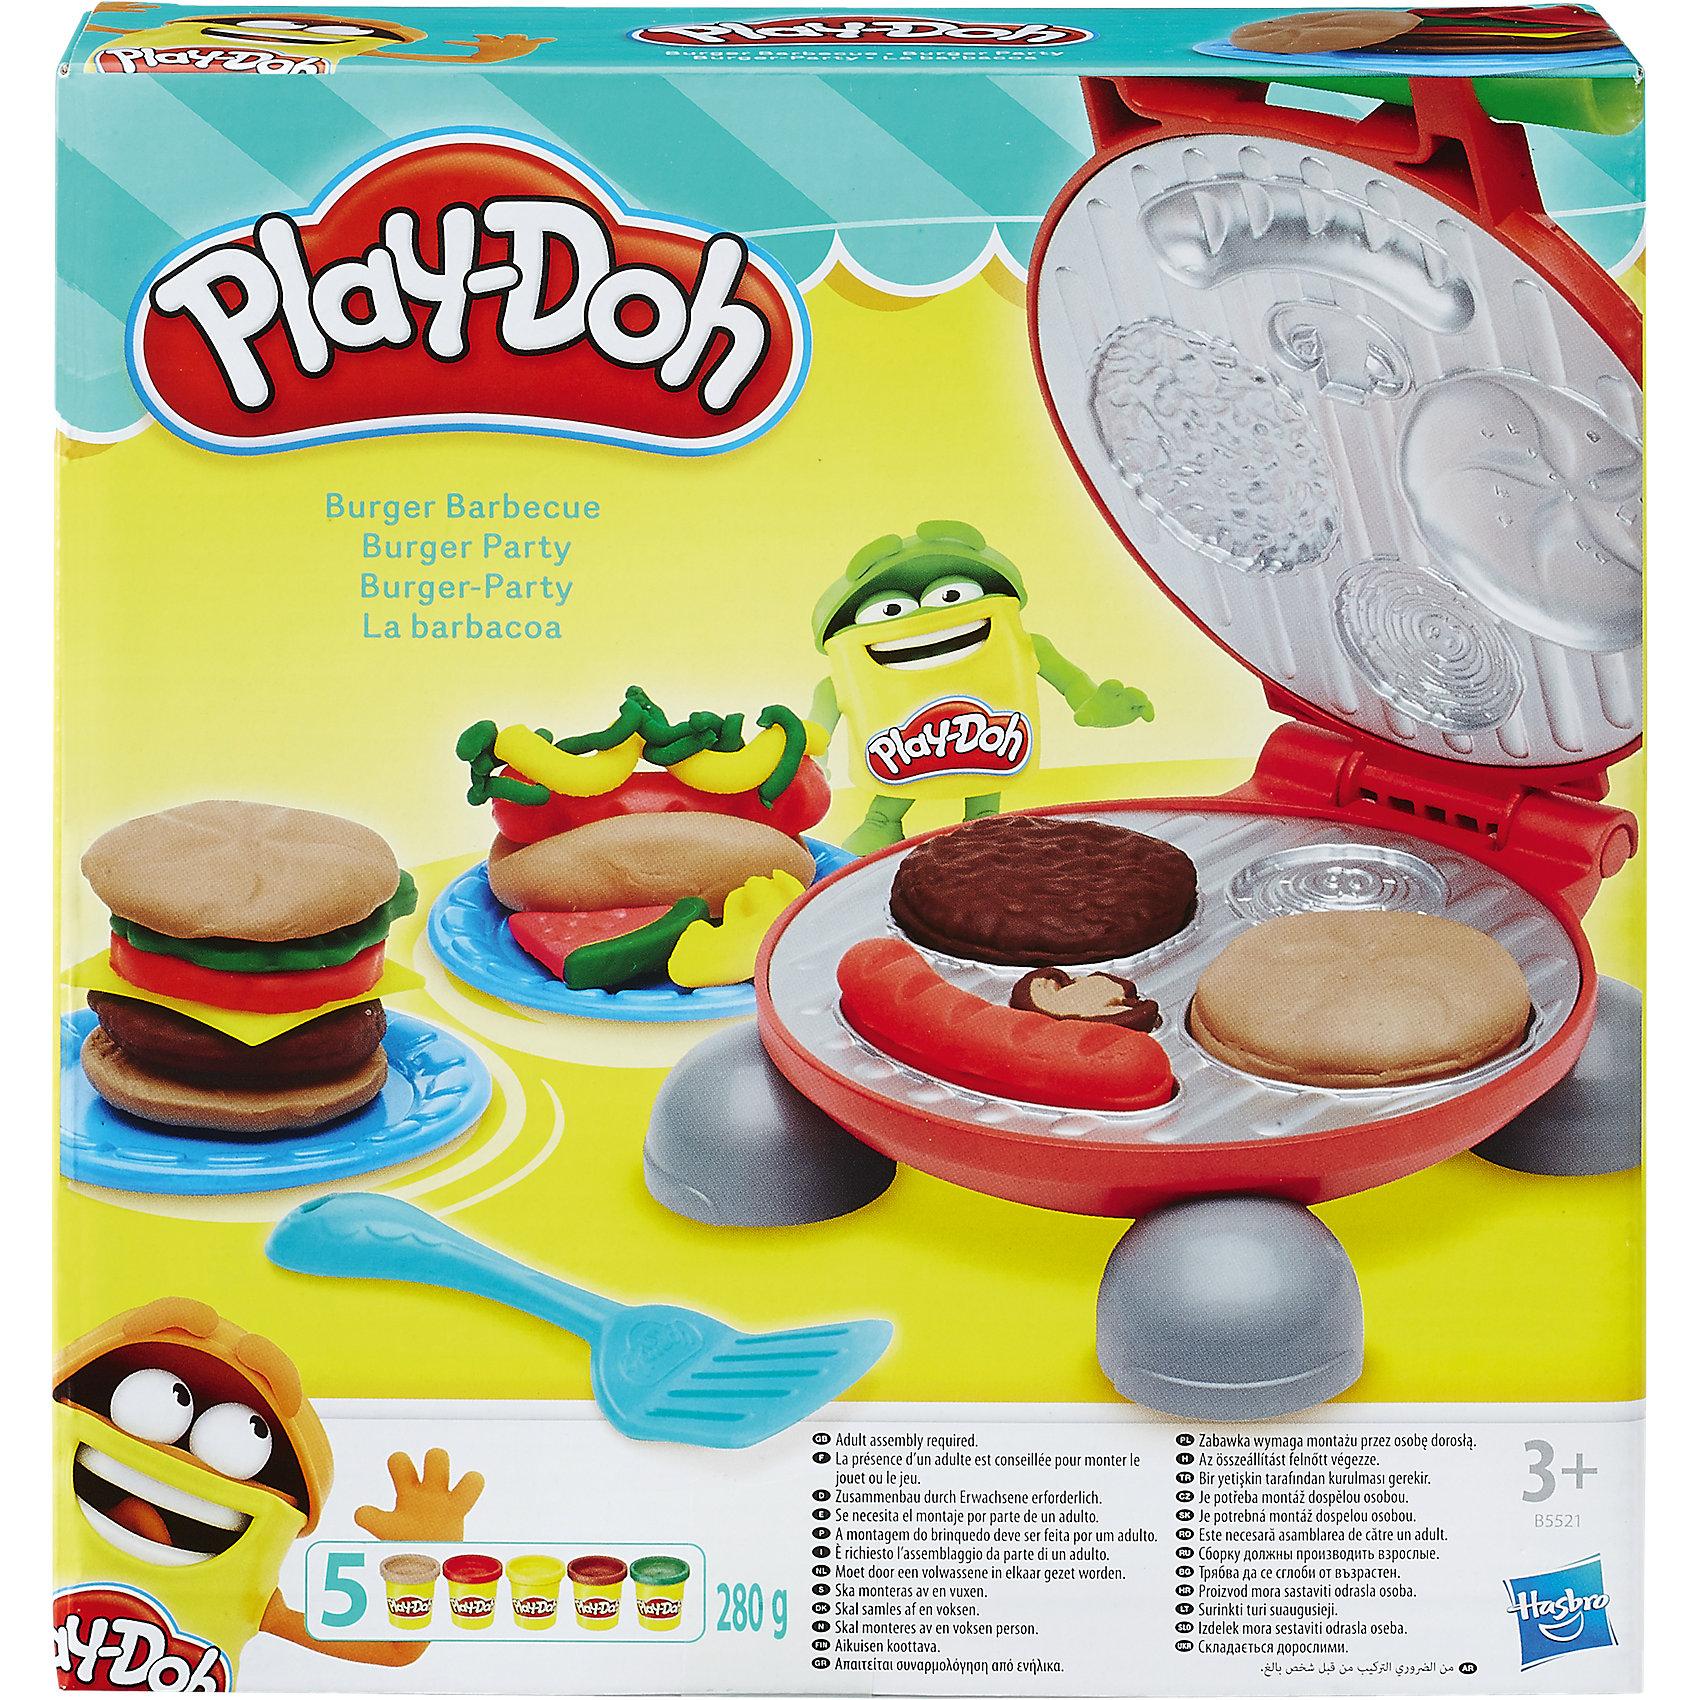 Игровой набор Бургер гриль, Play-DohДелай вкусные Play-doh бургеры и хот-доги!<br><br>Ширина мм: 218<br>Глубина мм: 203<br>Высота мм: 62<br>Вес г: 612<br>Возраст от месяцев: 36<br>Возраст до месяцев: 72<br>Пол: Унисекс<br>Возраст: Детский<br>SKU: 4691463